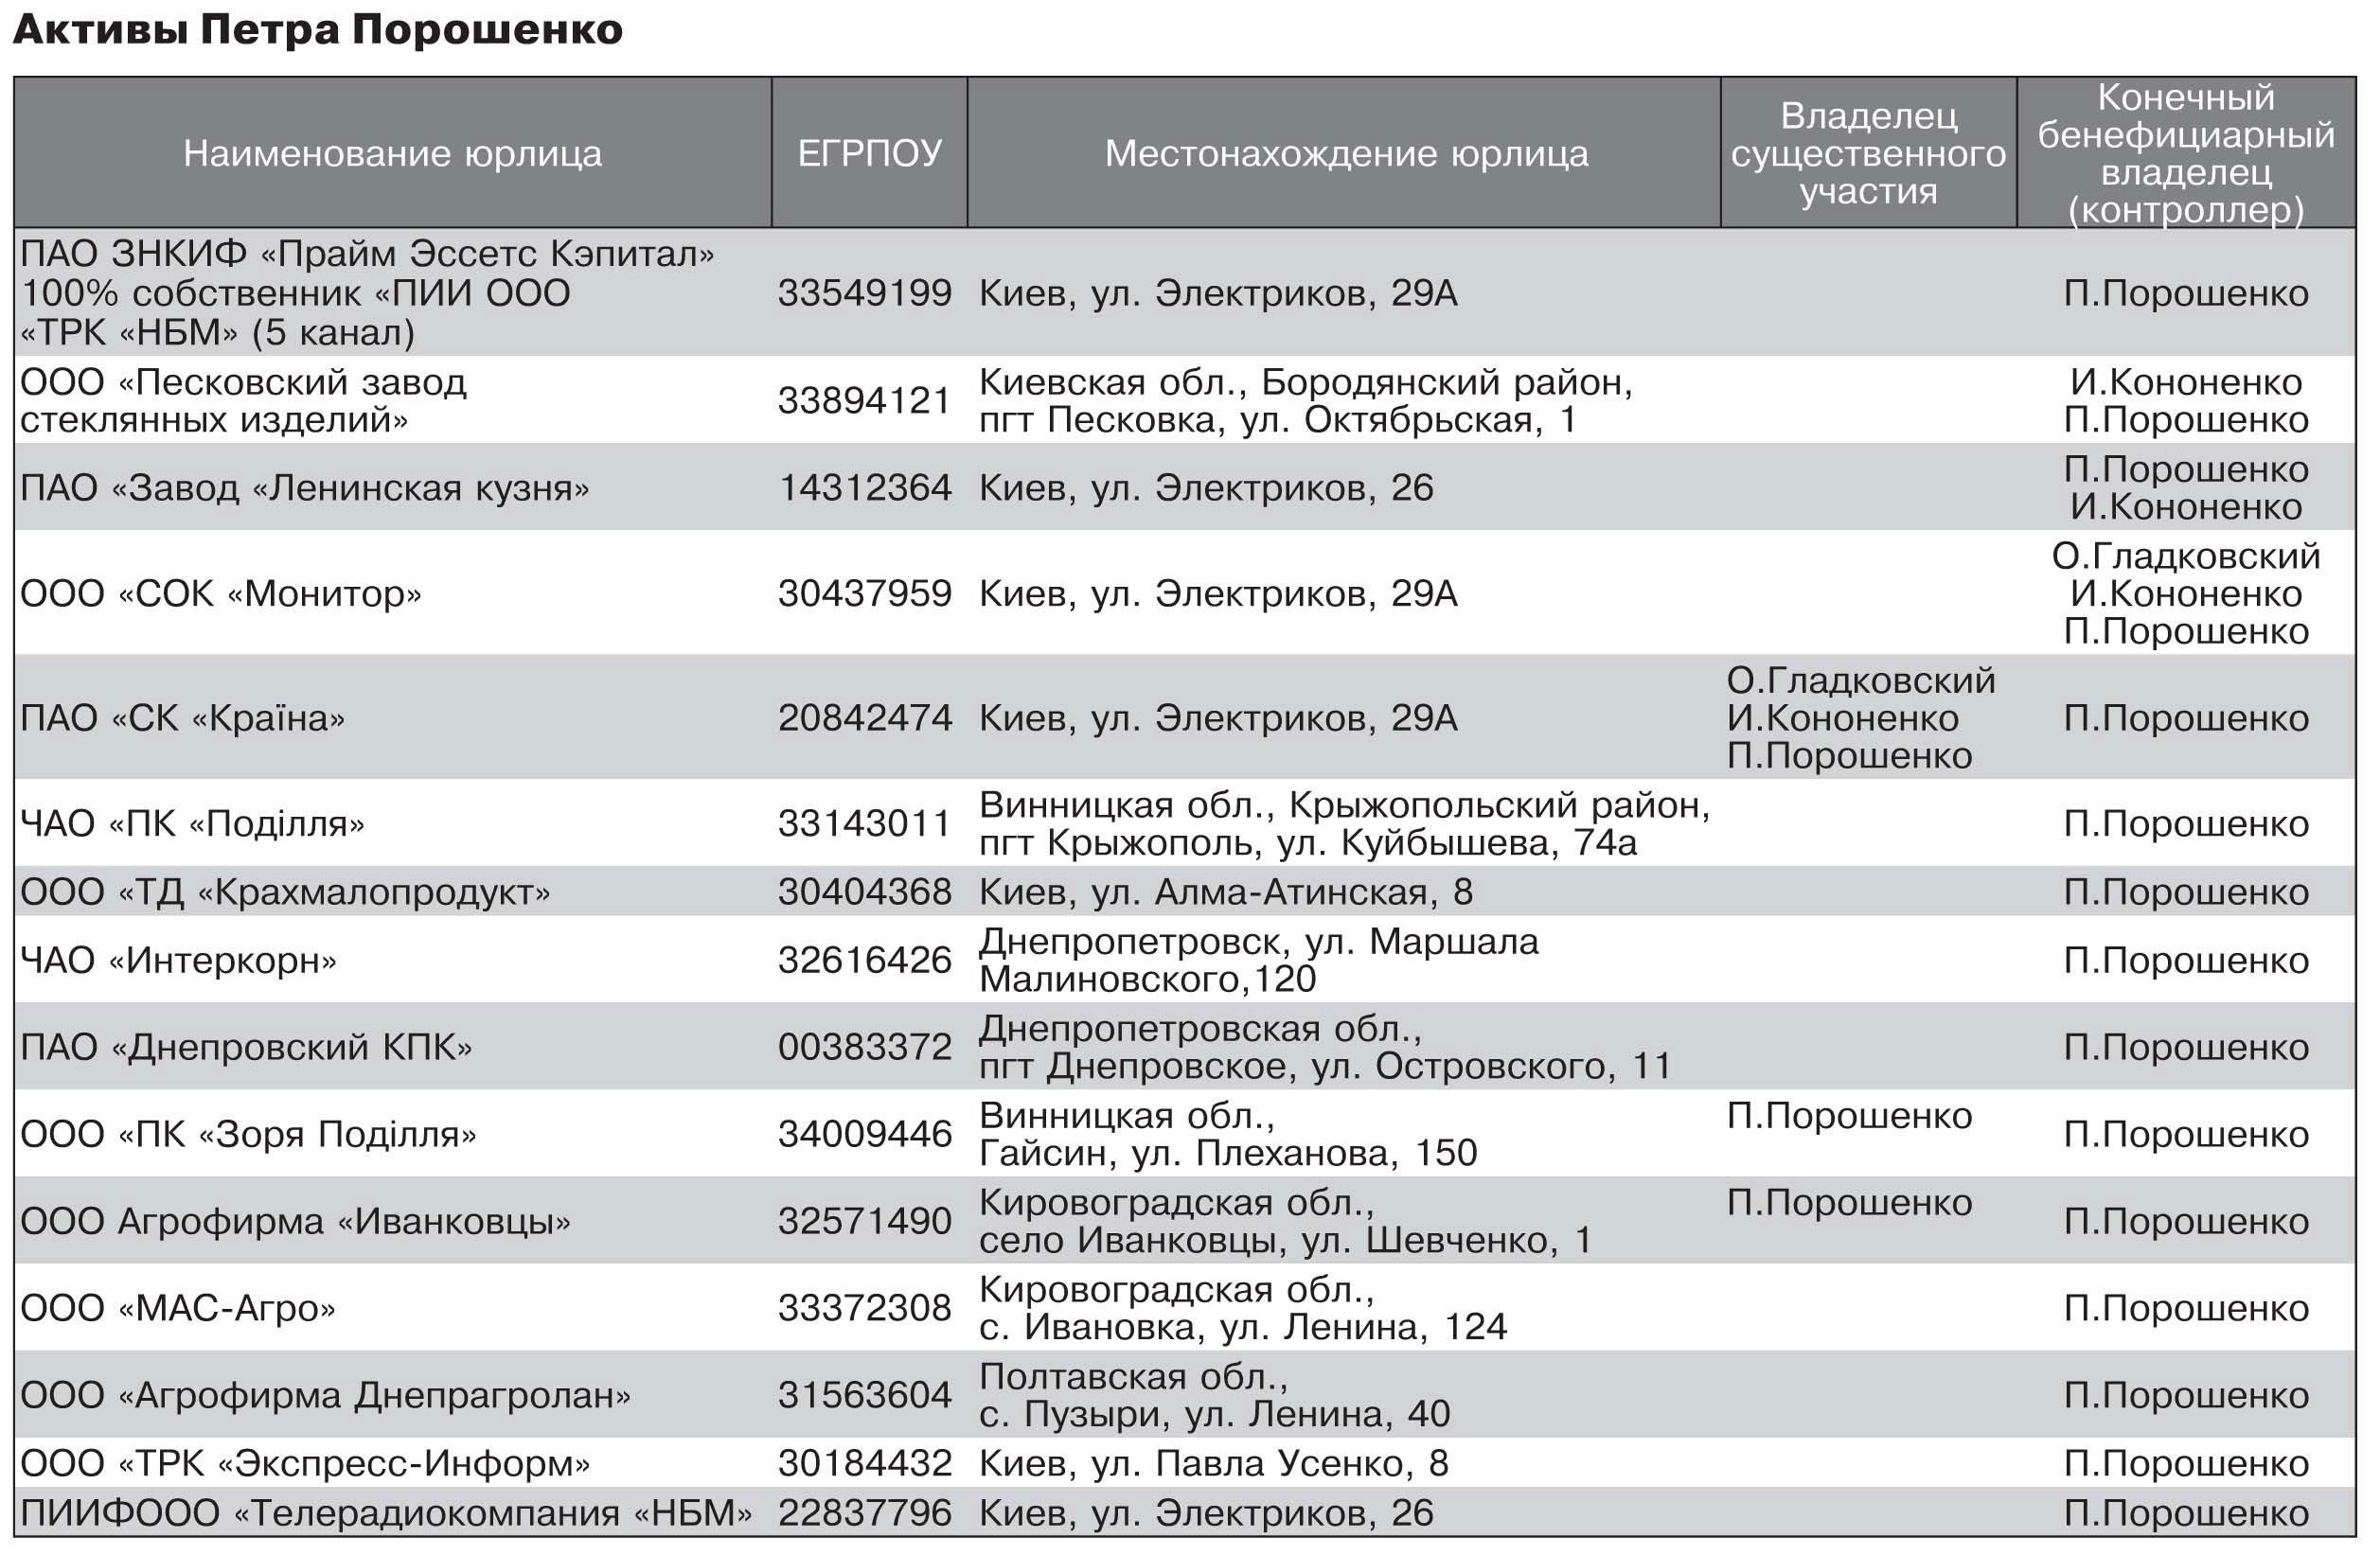 Кроме «Рошен» Порошенко остается бенефициаром обширного списка учреждений